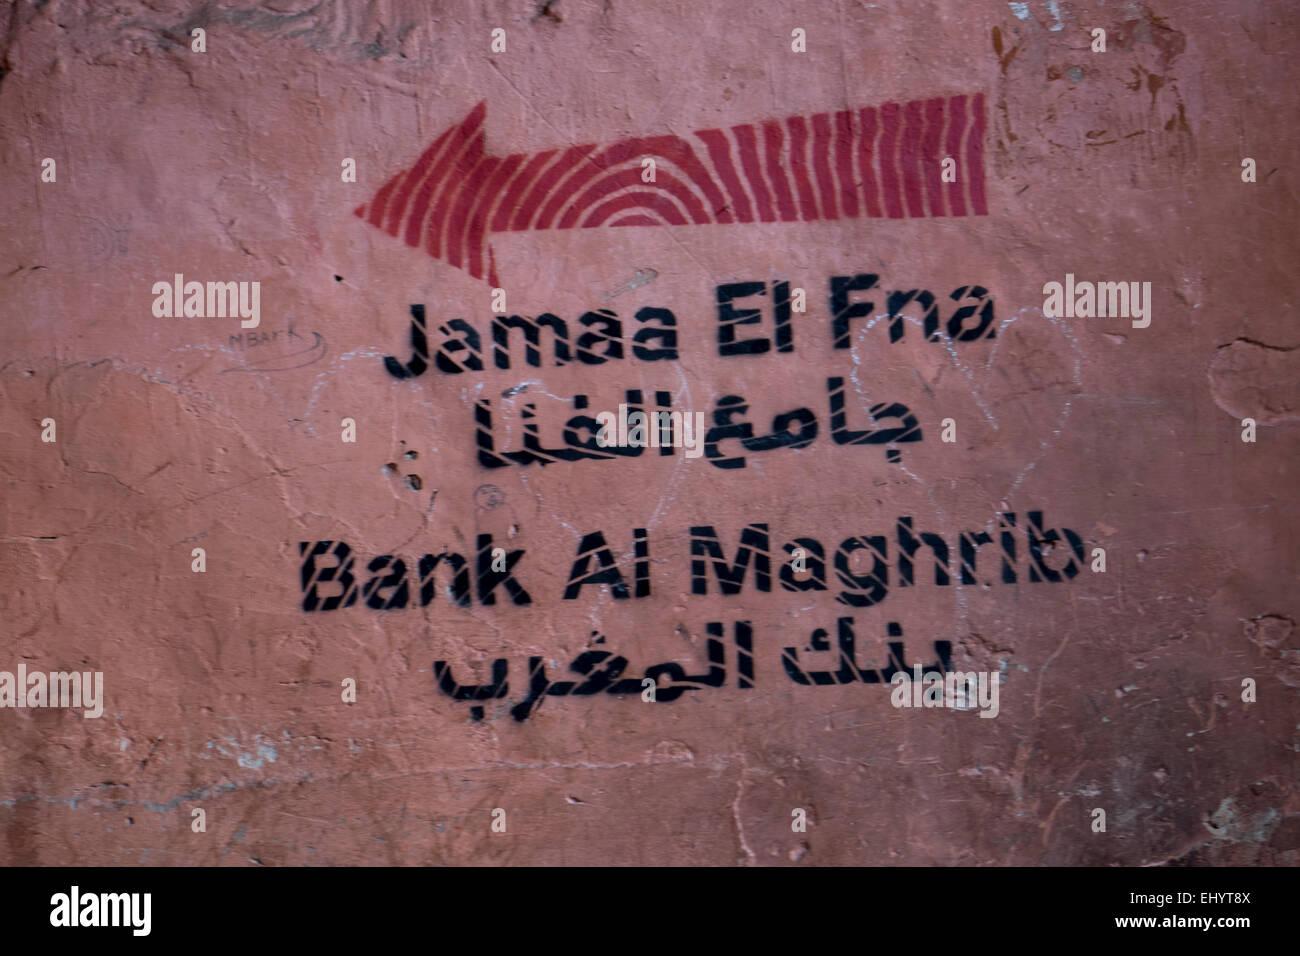 Melden Sie sich an Englisch und Arabisch, Medina, alte Stadt, Marrakesch, Marokko, Nordafrika Stockbild